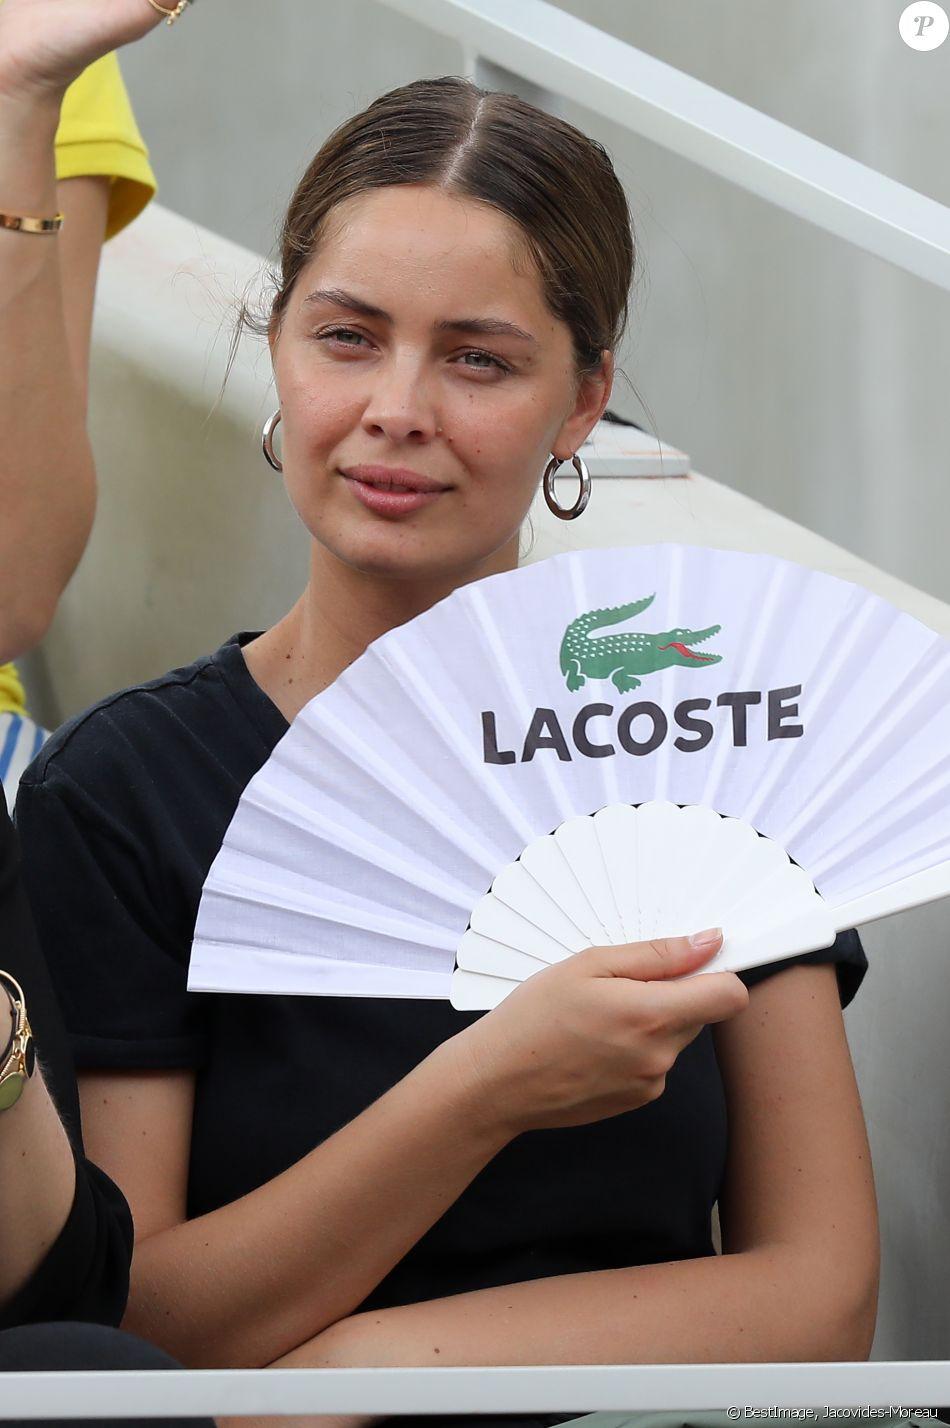 Marie-Ange Casta dans les tribunes lors des internationaux de tennis de Roland Garros à Paris, France, le 4 juin 2019. © Jacovides-Moreau/Bestimage